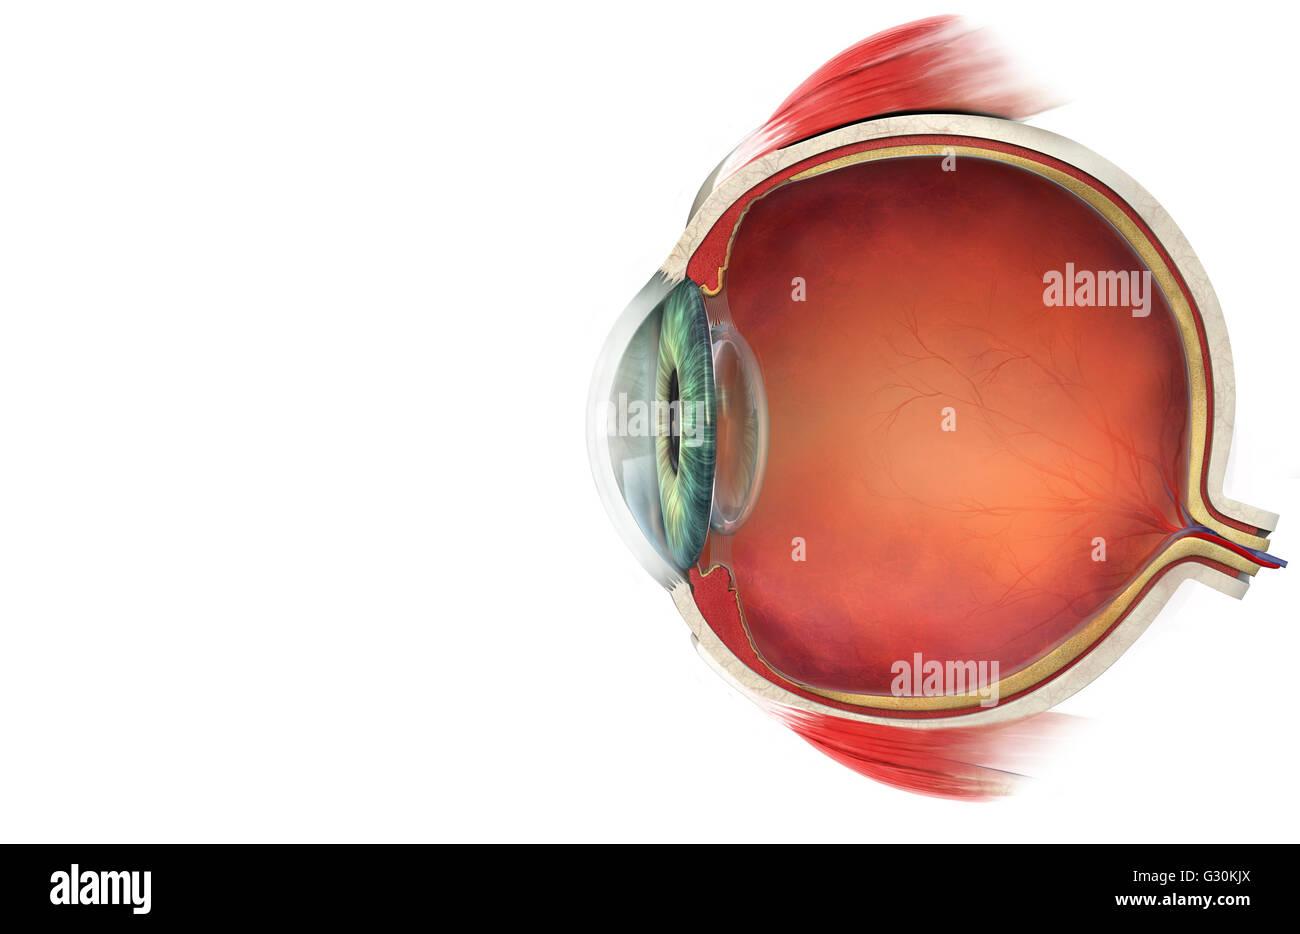 Querschnitt-Darstellung des menschlichen Auges Stockfoto, Bild ...